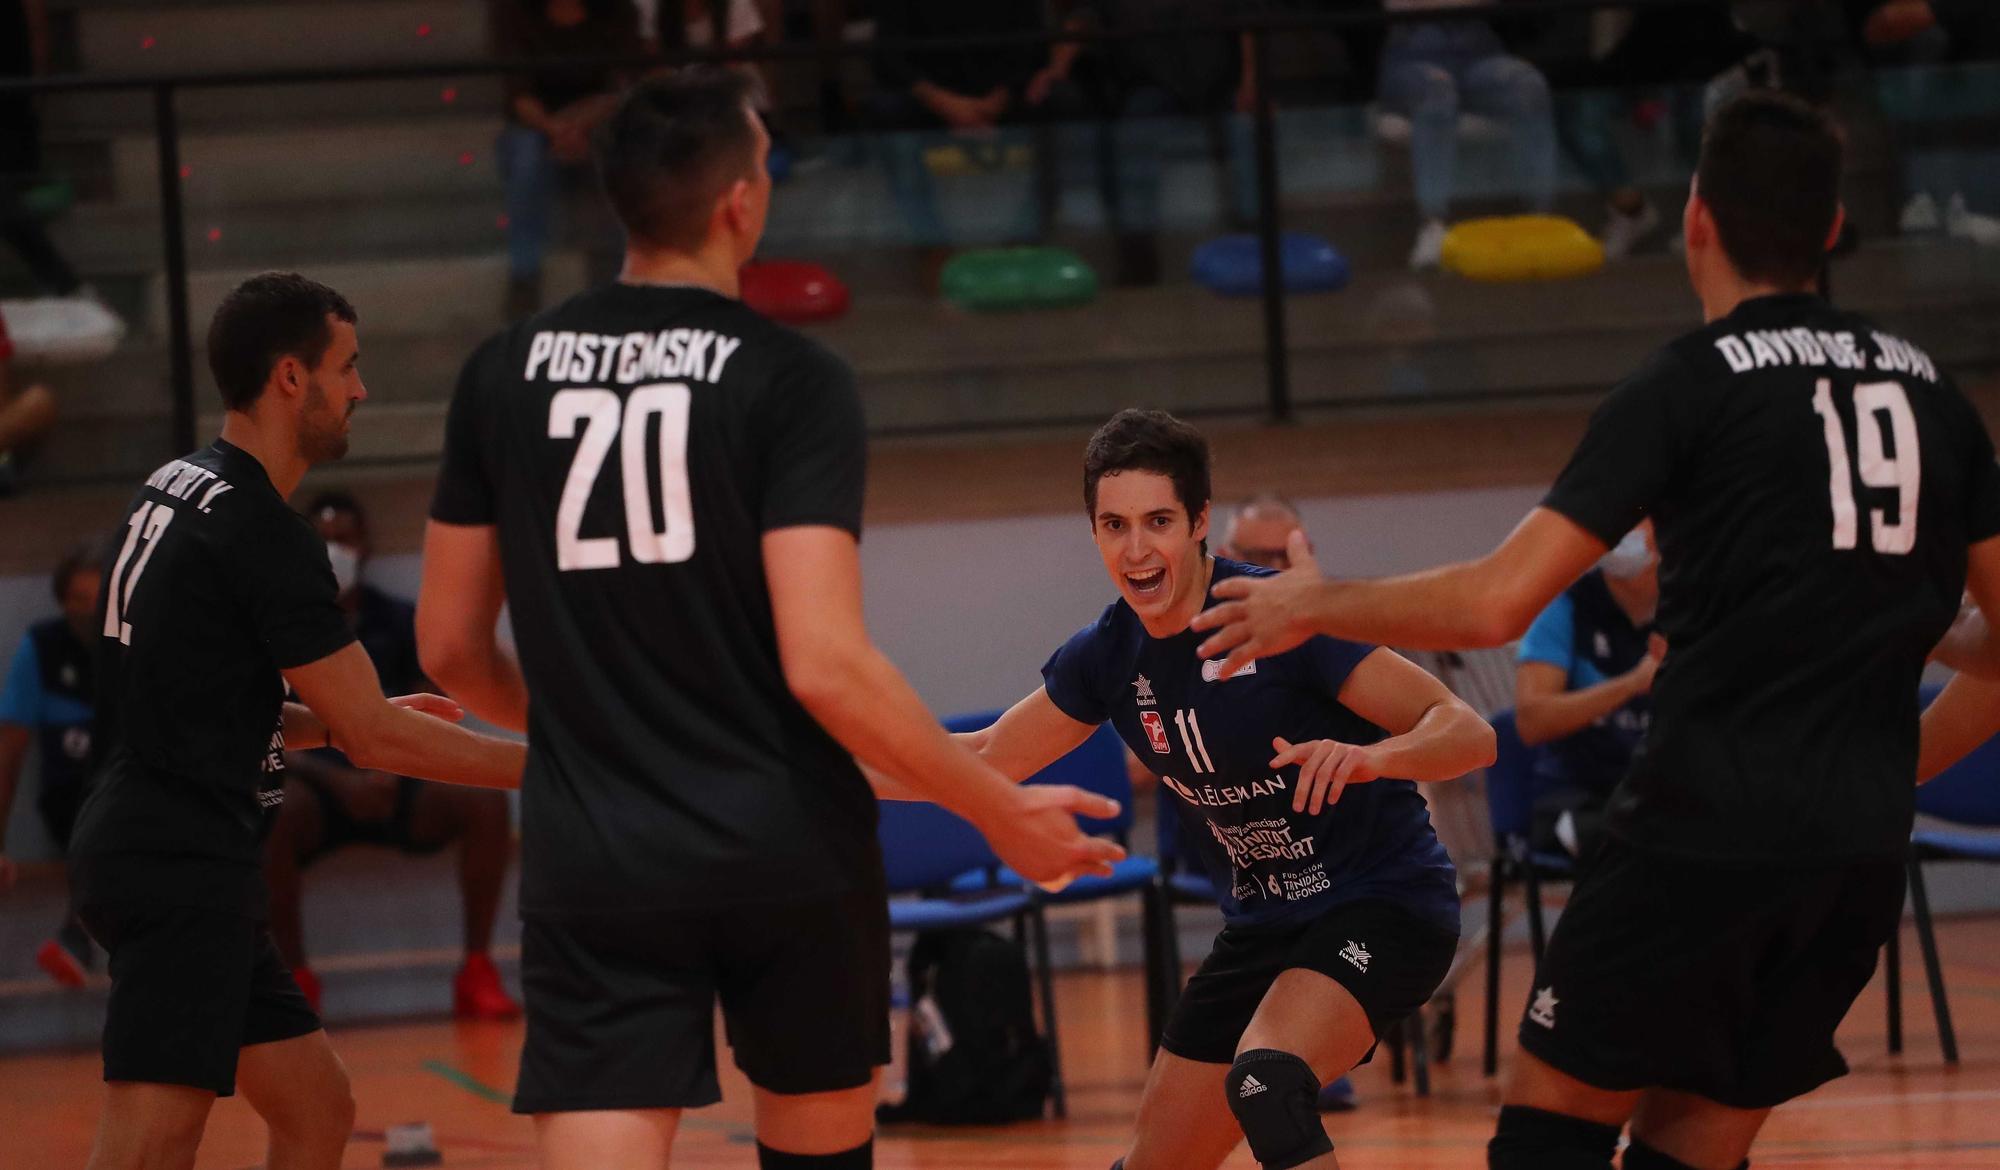 Partido de Voleibol entre Leleman Valencia Voleibol y el Teruel voleibol